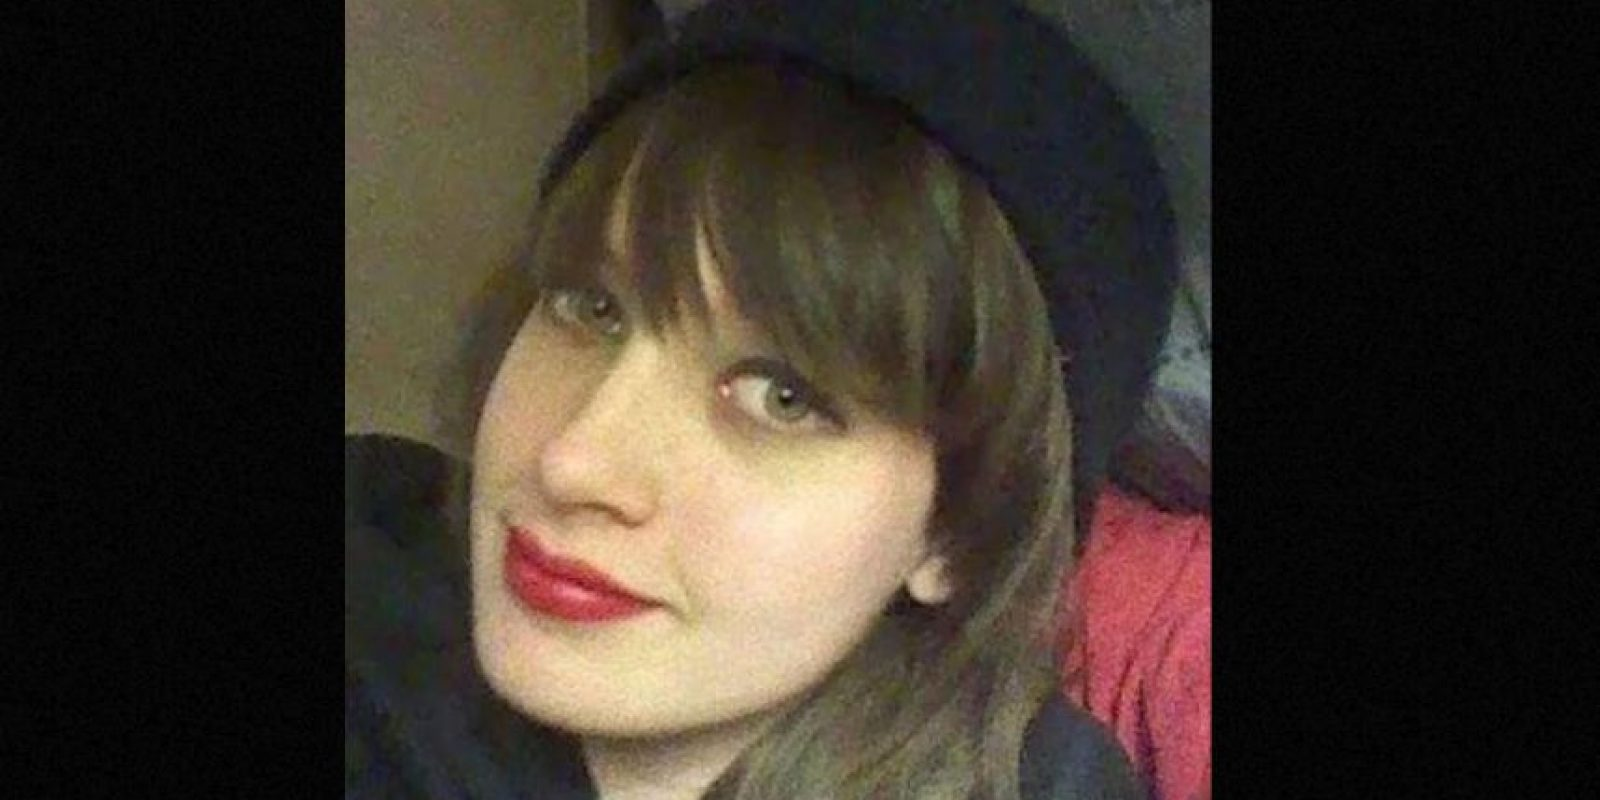 Brady Oestrike fue contactado por Brooke Slocum, de 18 años, y por su novio, Charles Oppenneer, de 25, para que Oestrike tuviese sexo con la mujer mientras Oppenneer miraba. Foto:vía Facebook